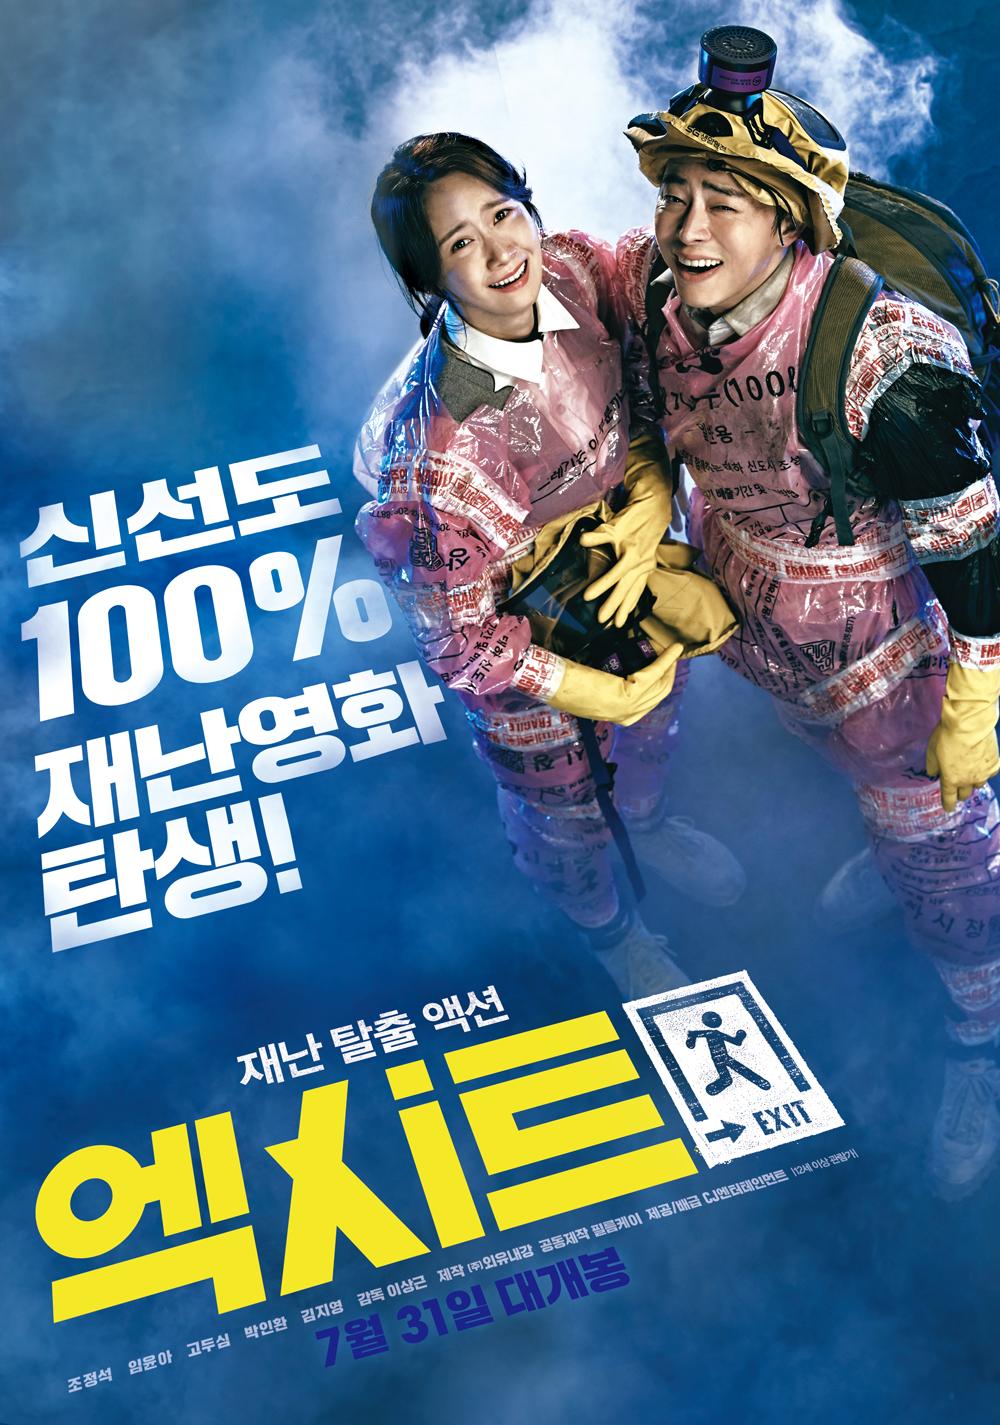 韩影票房:曹政奭允儿《EXIT》夺冠 《使者》第二